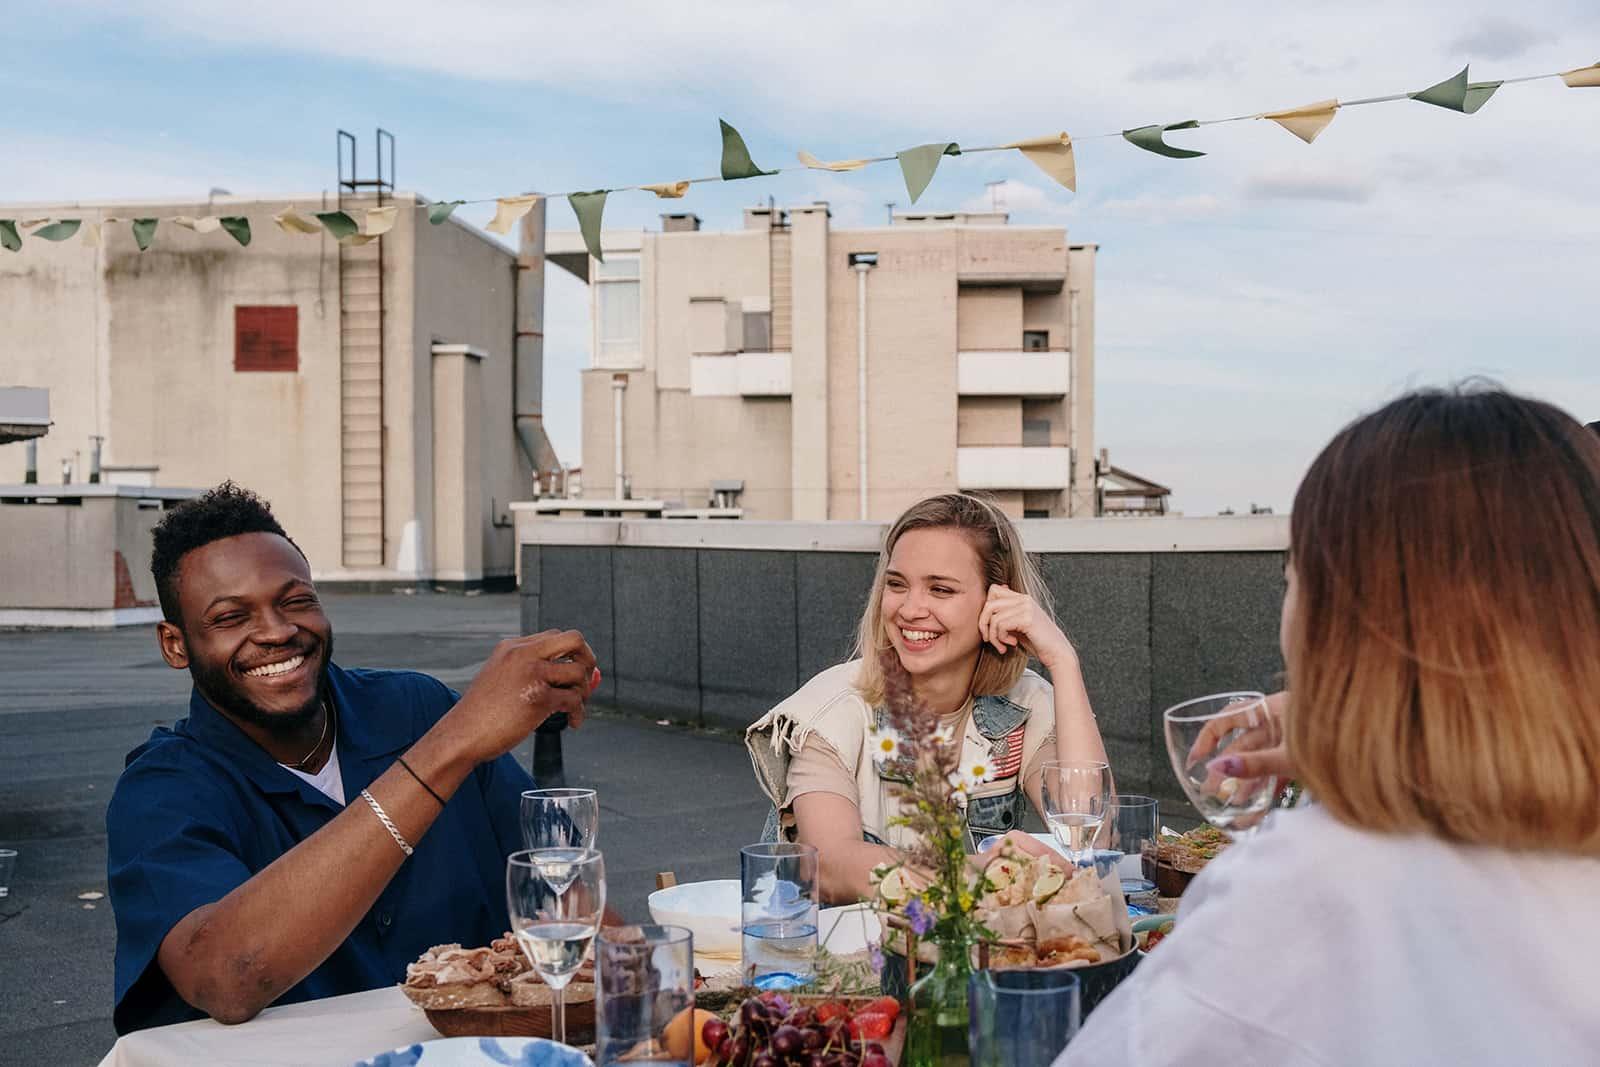 lächelnde Frau, die lächelnden Mann betrachtet mit Freunden am Tisch auf dem Dach sitzen